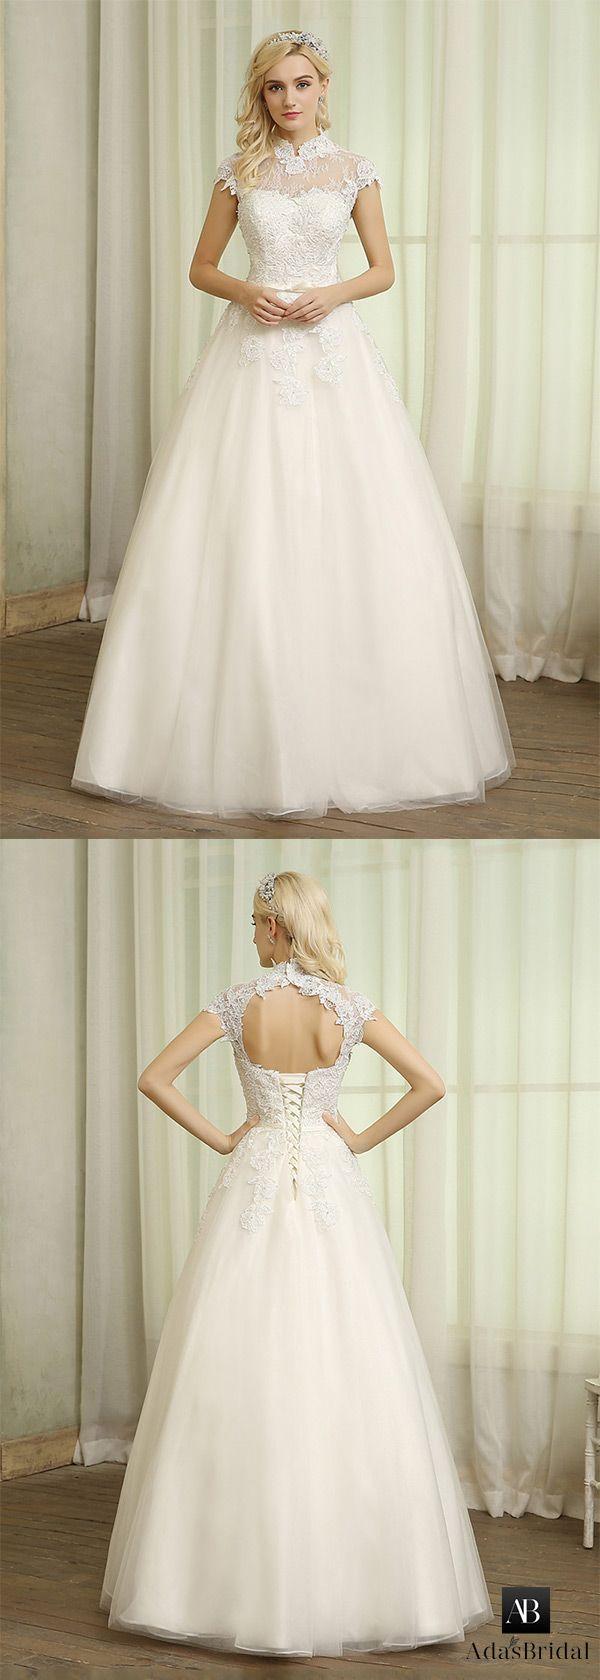 Best 25 High collar ideas on Pinterest  Wedding dress